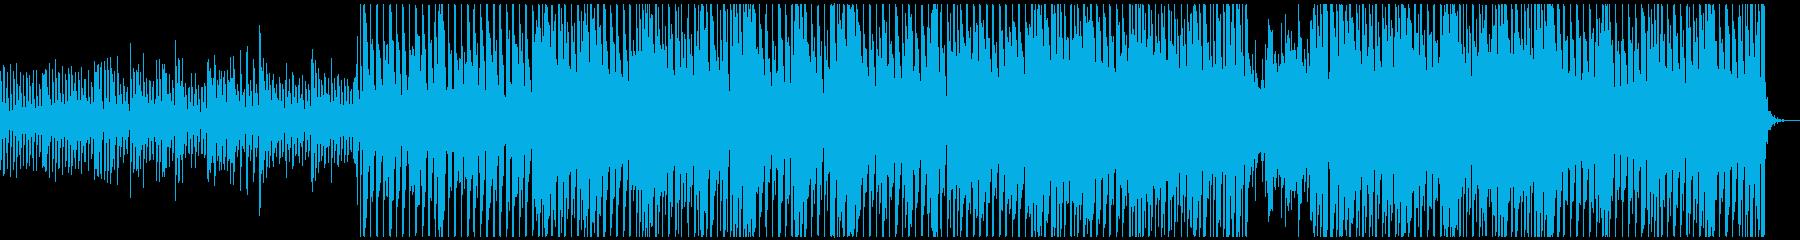 ふわふわキュートでドリーミーなポップスの再生済みの波形